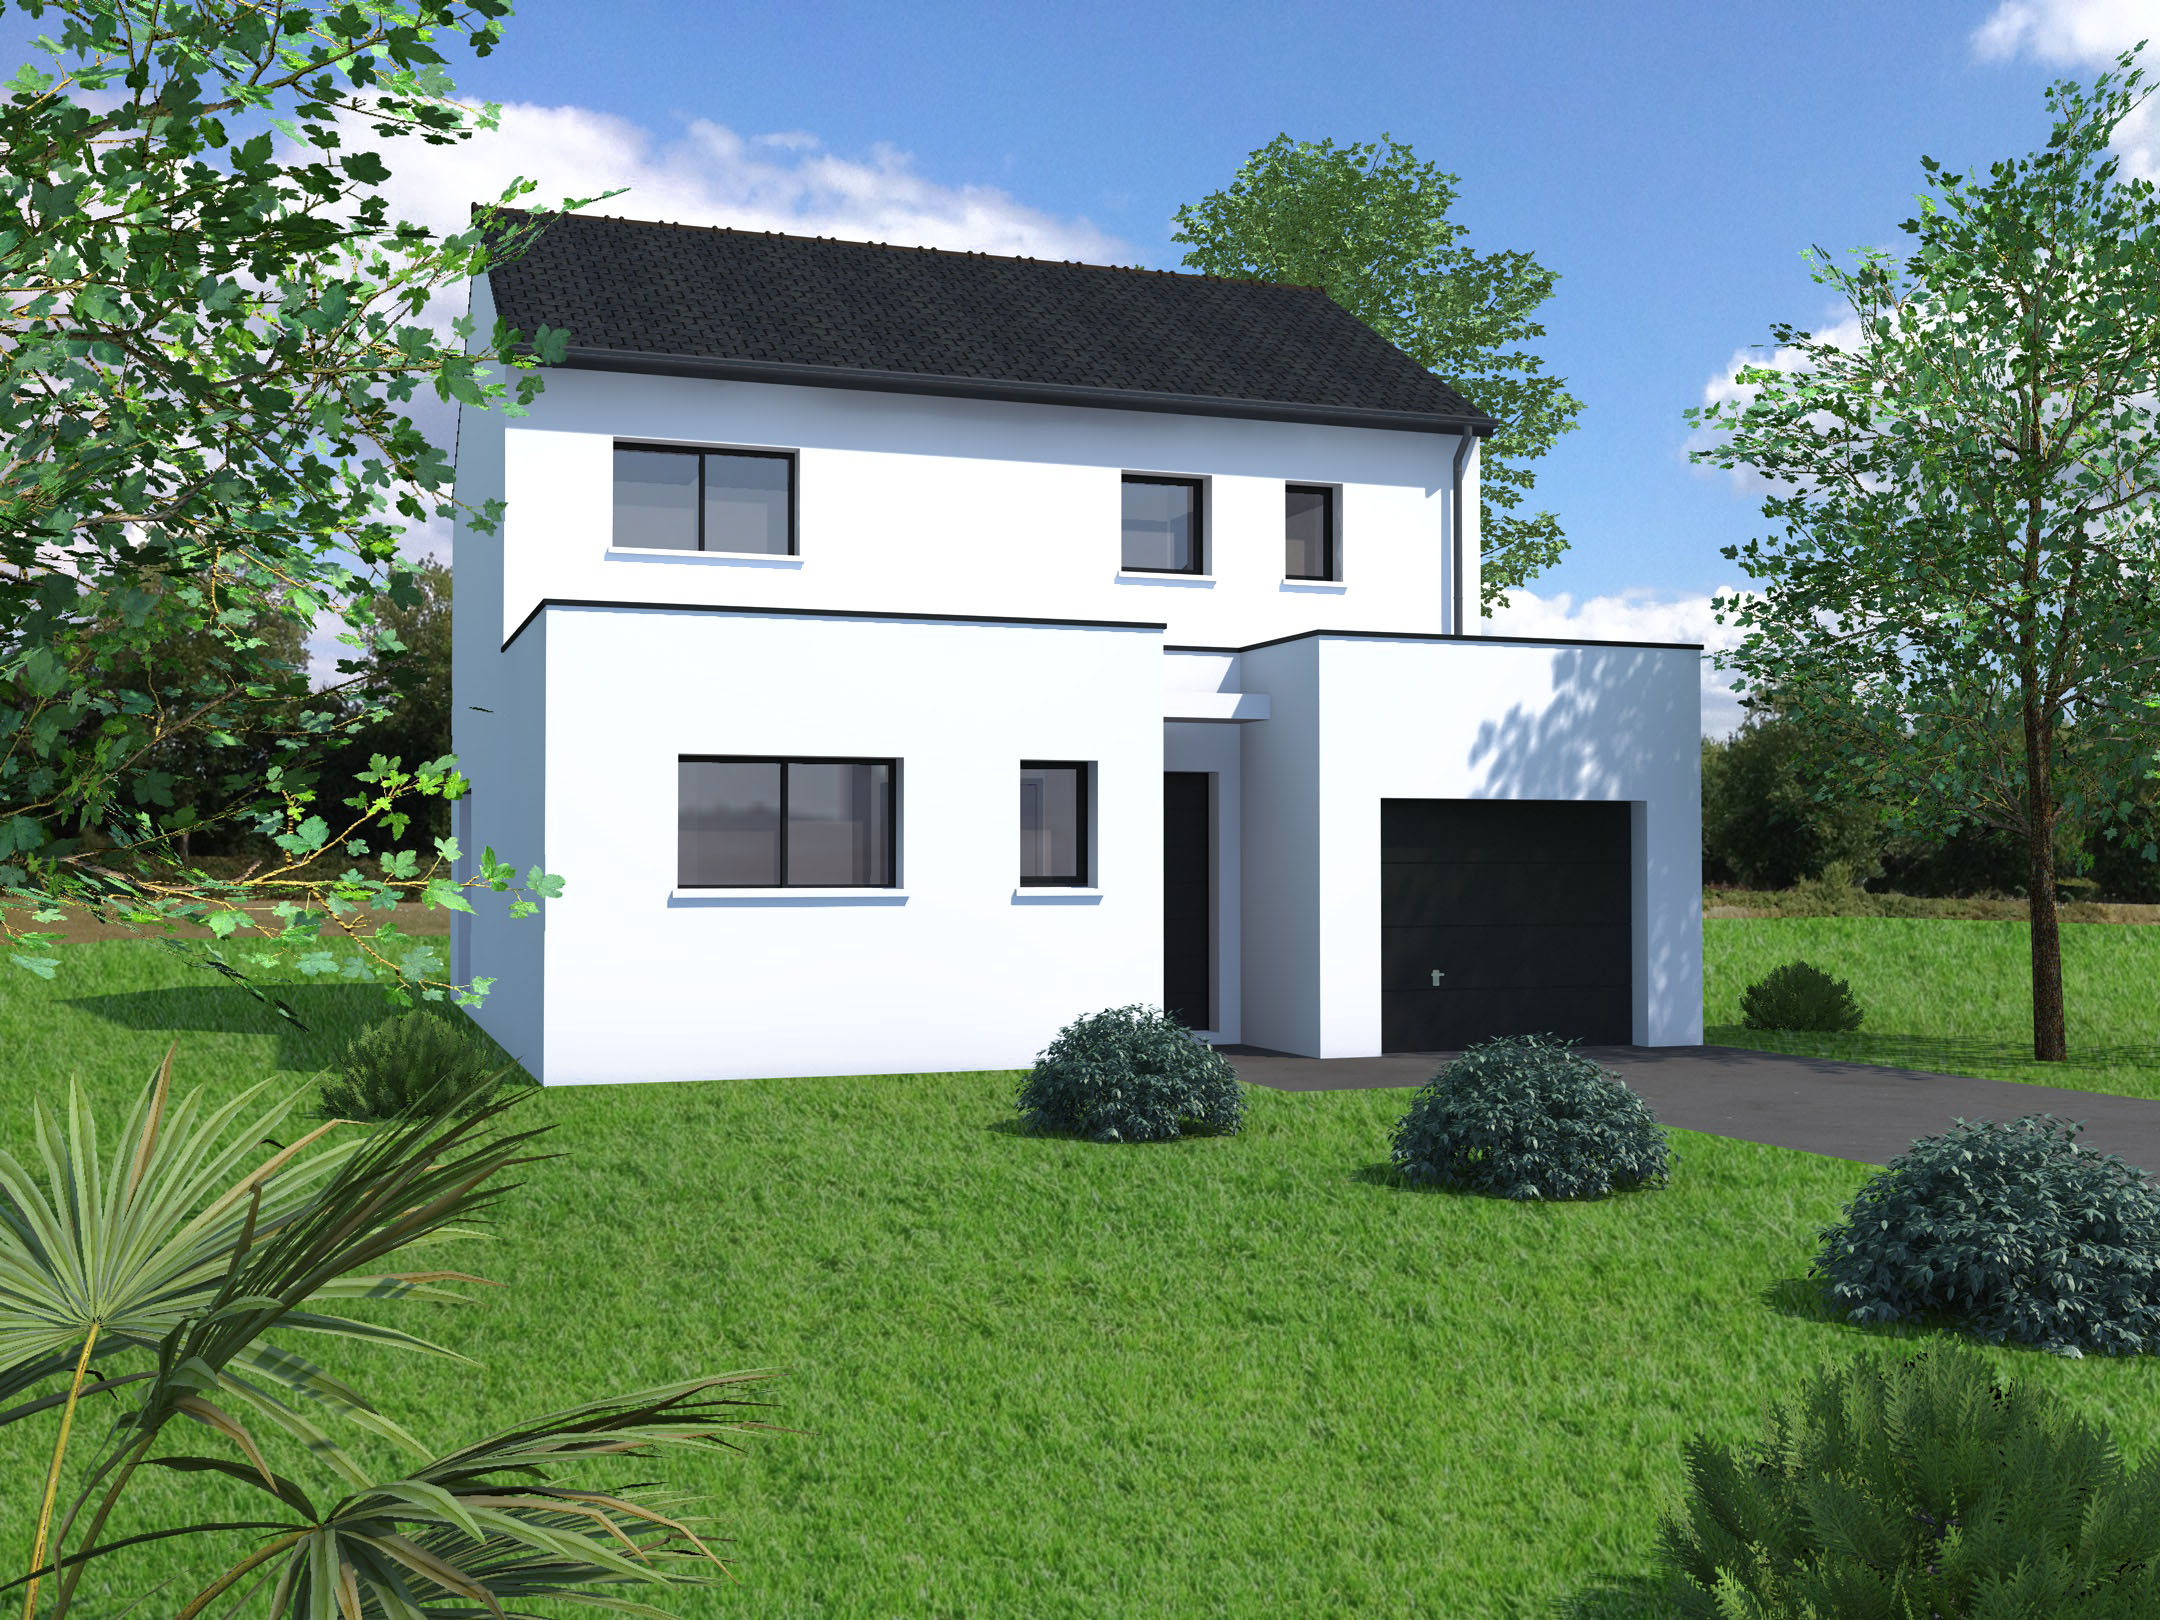 Plan Maison 120m2 Sur Mesure Mf Construction